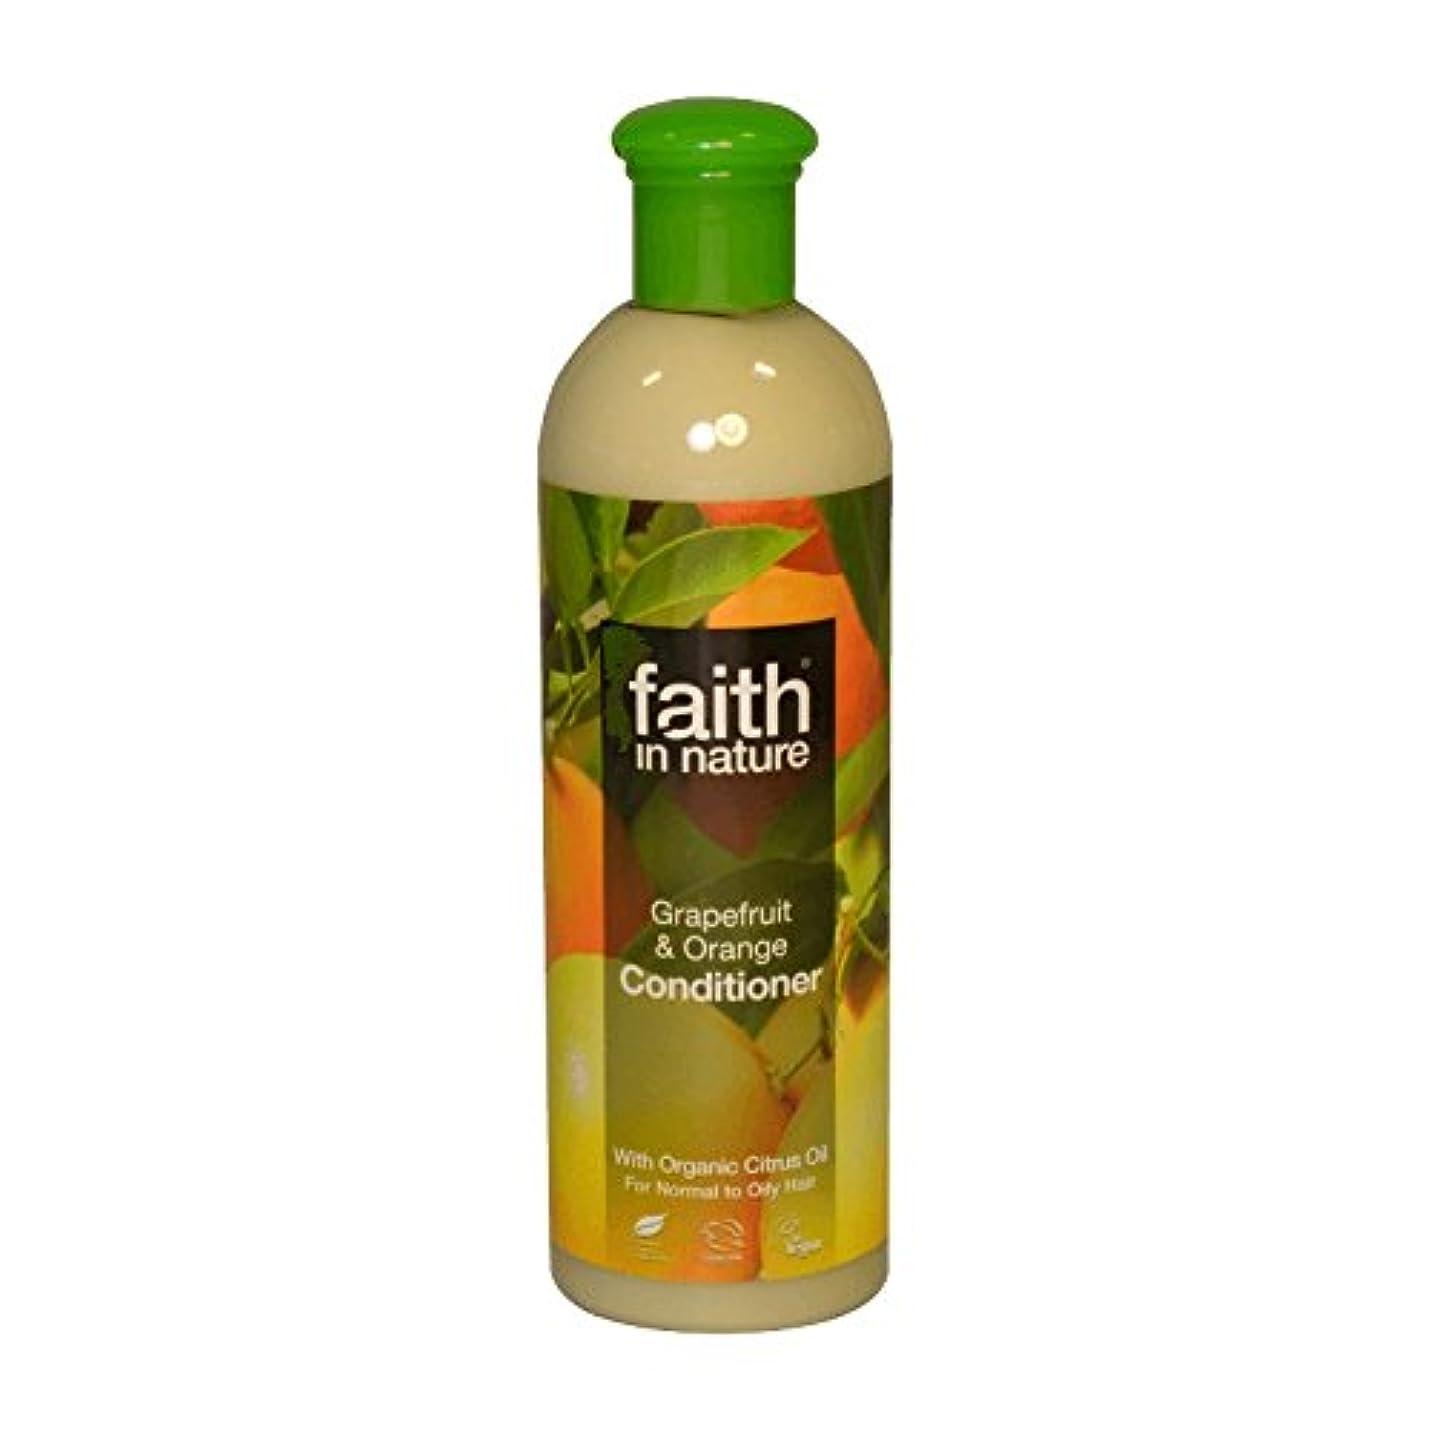 予想外トレード環境保護主義者自然グレープフルーツ&オレンジコンディショナー400ミリリットルの信仰 - Faith in Nature Grapefruit & Orange Conditioner 400ml (Faith in Nature) [並行輸入品]